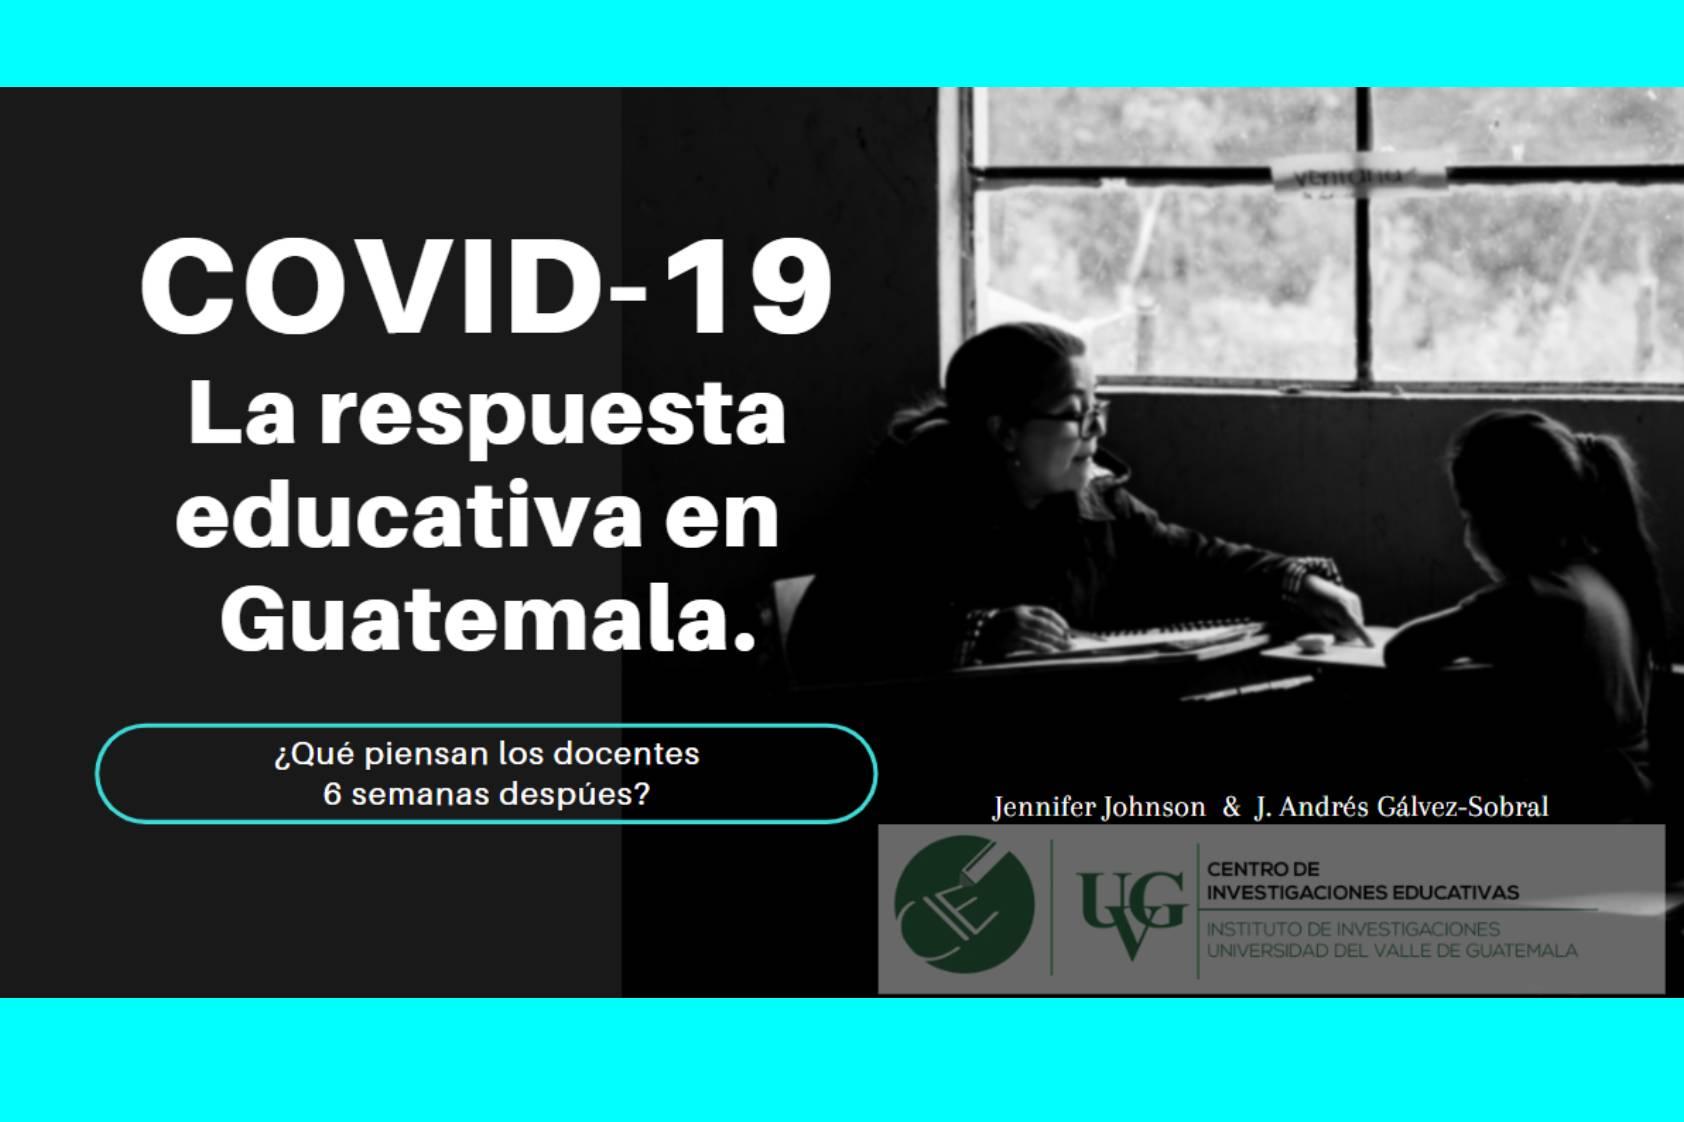 Así fue la respuesta de los docentes de Guatemala ante el COVID19